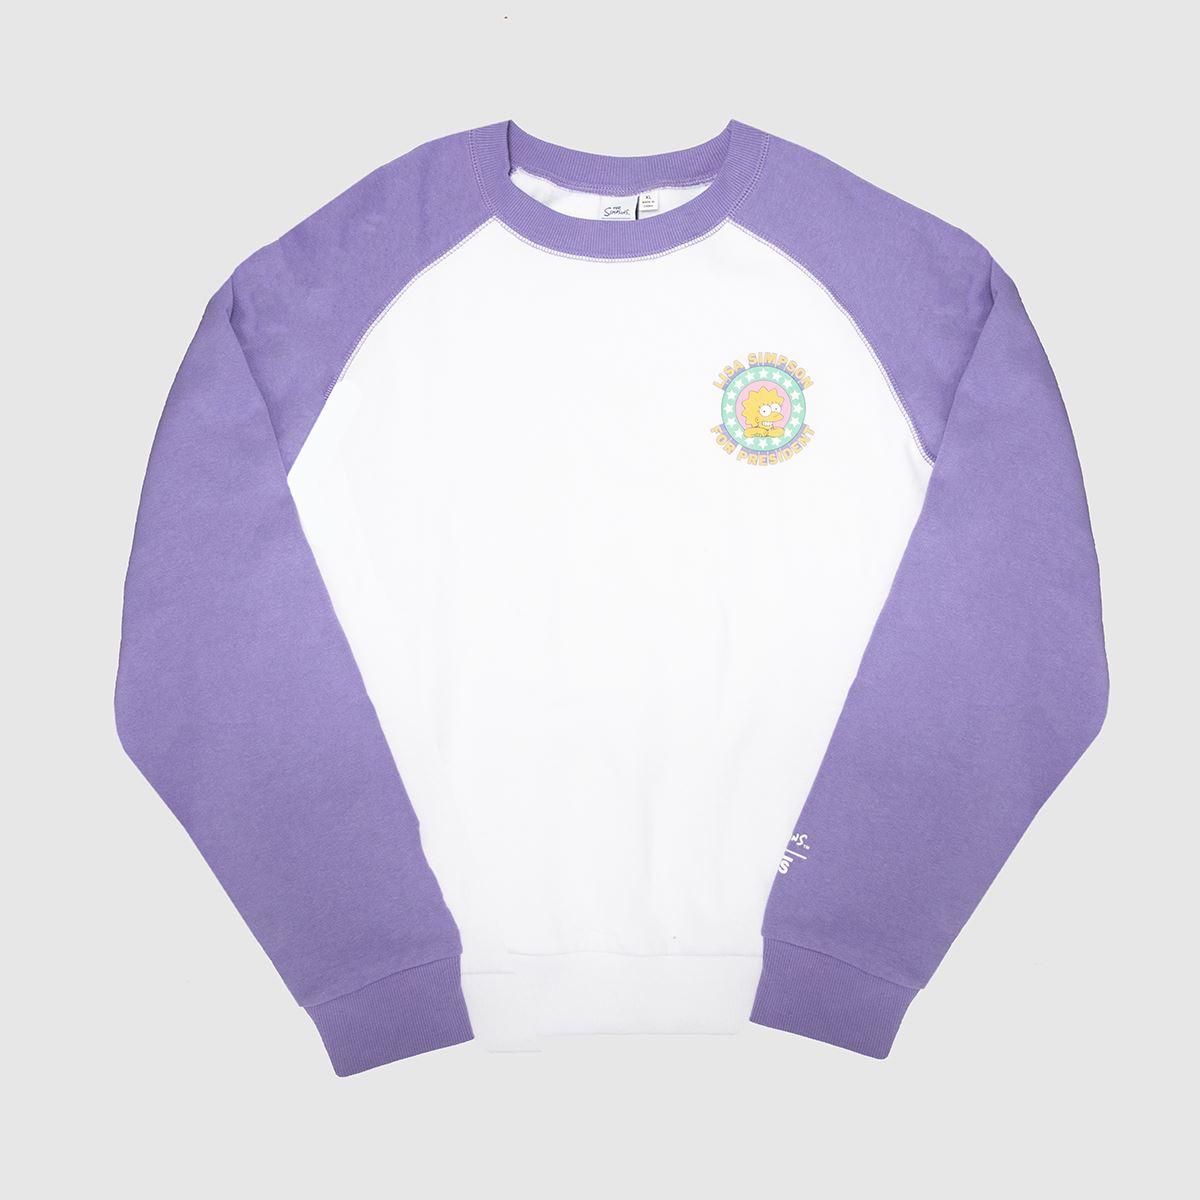 Vans Lilac Sweatshirt The Simpsons